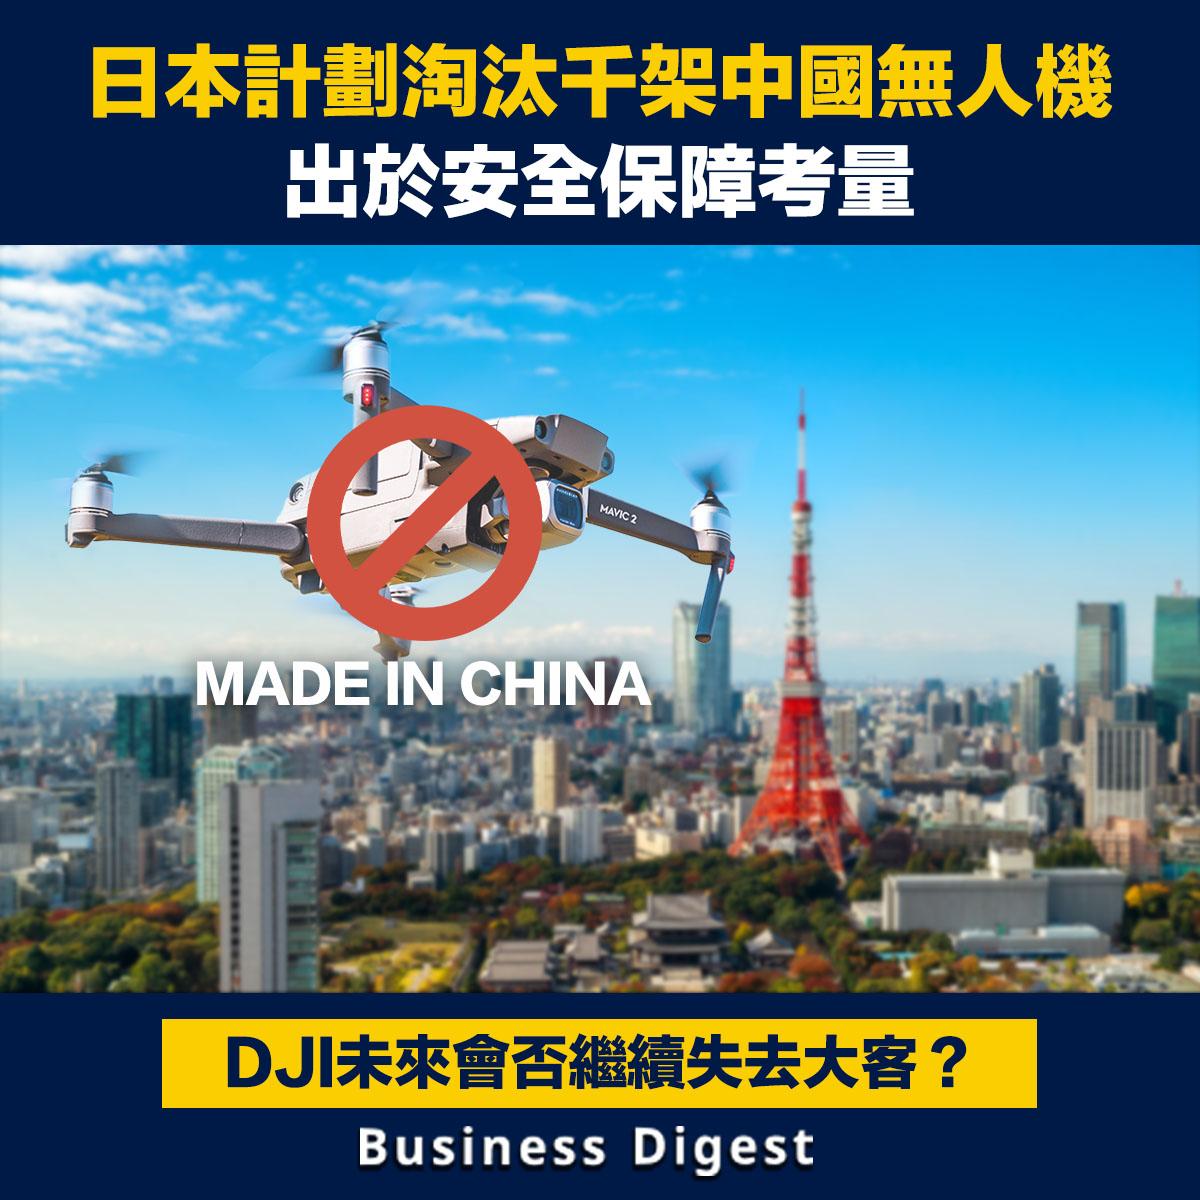 日本計劃淘汰千架中國無人機,出於安全保障考量